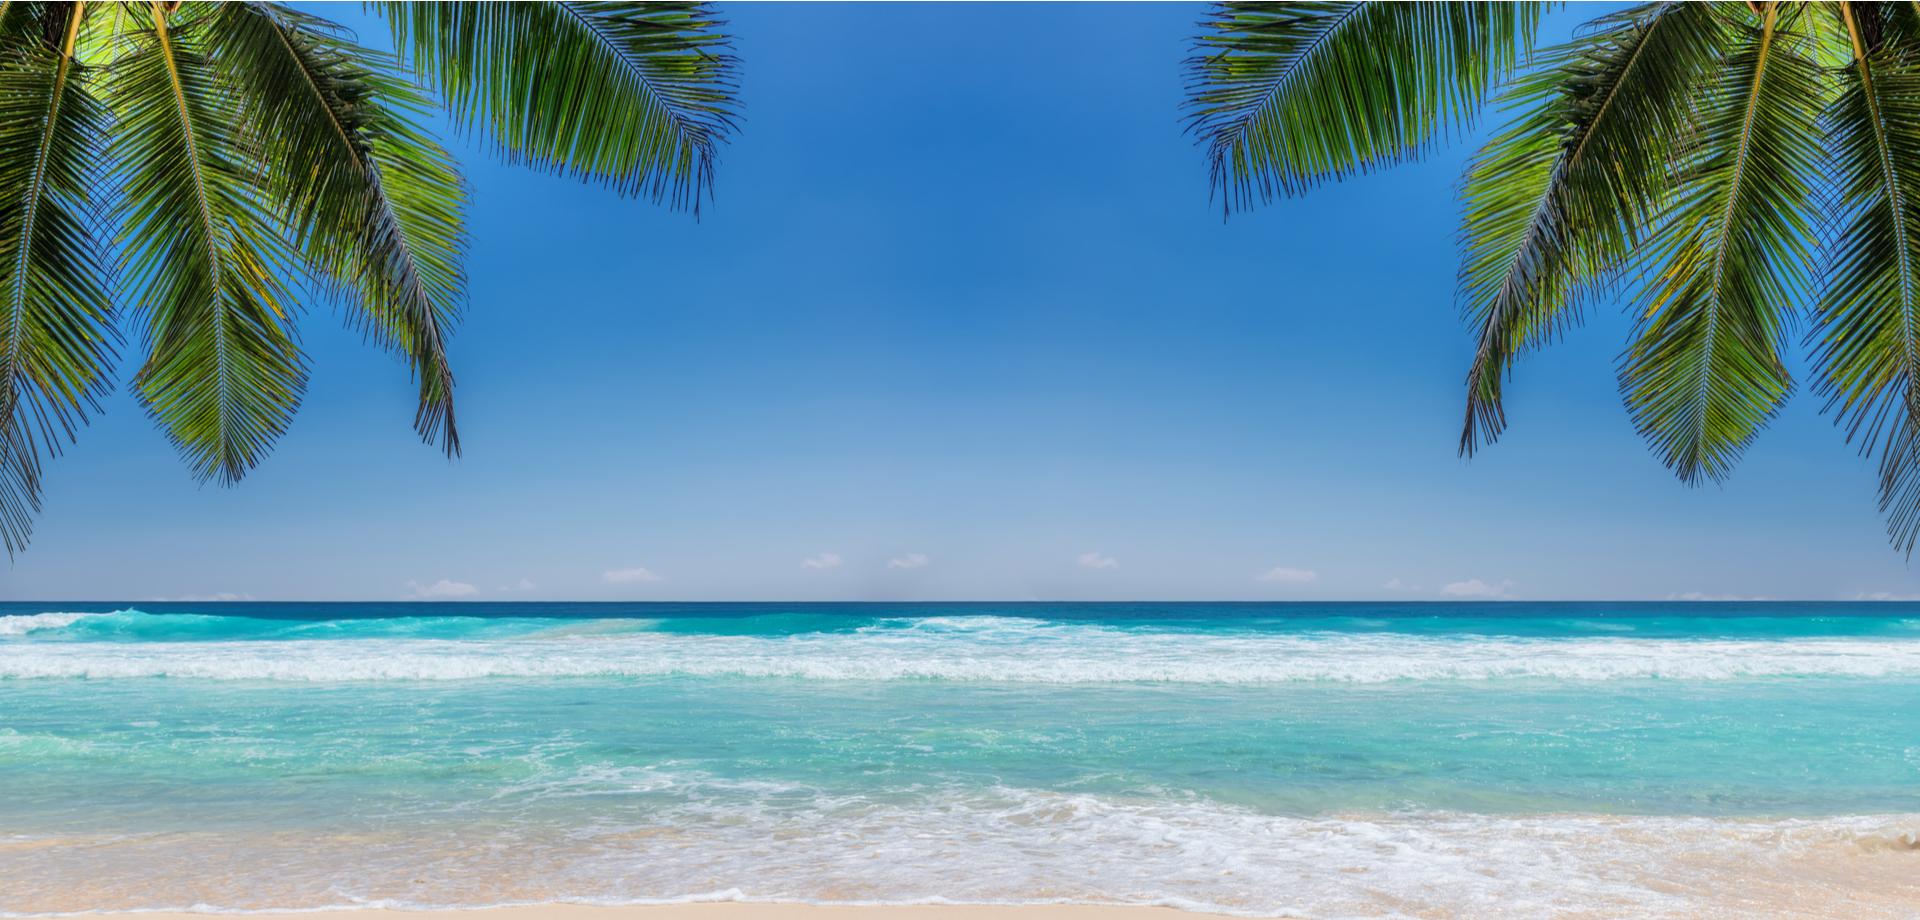 rentbutton-beach-footer